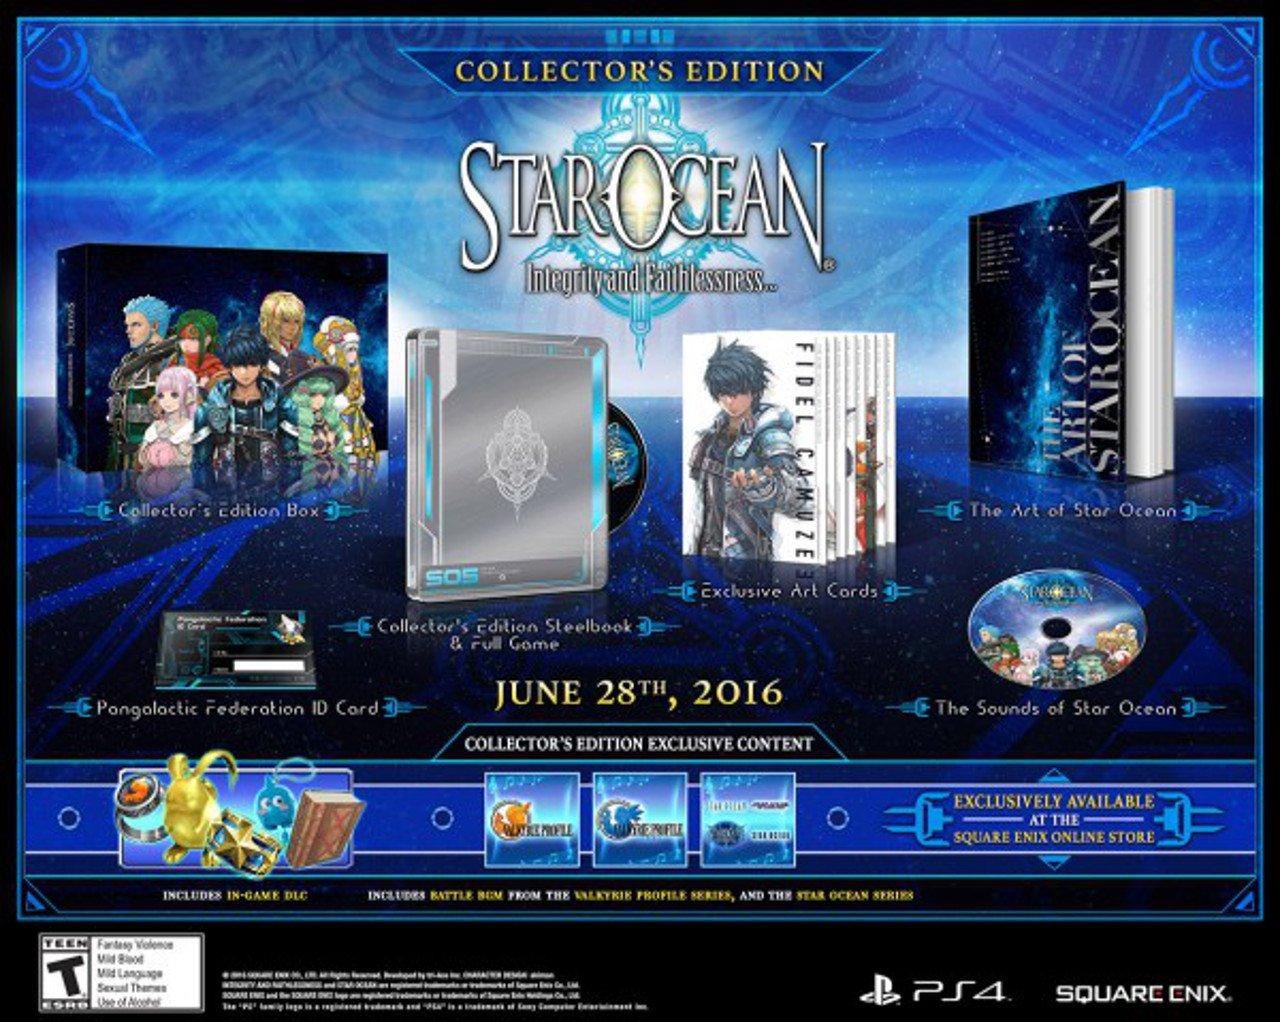 Star Ocean 5: data d'uscita europea svelata